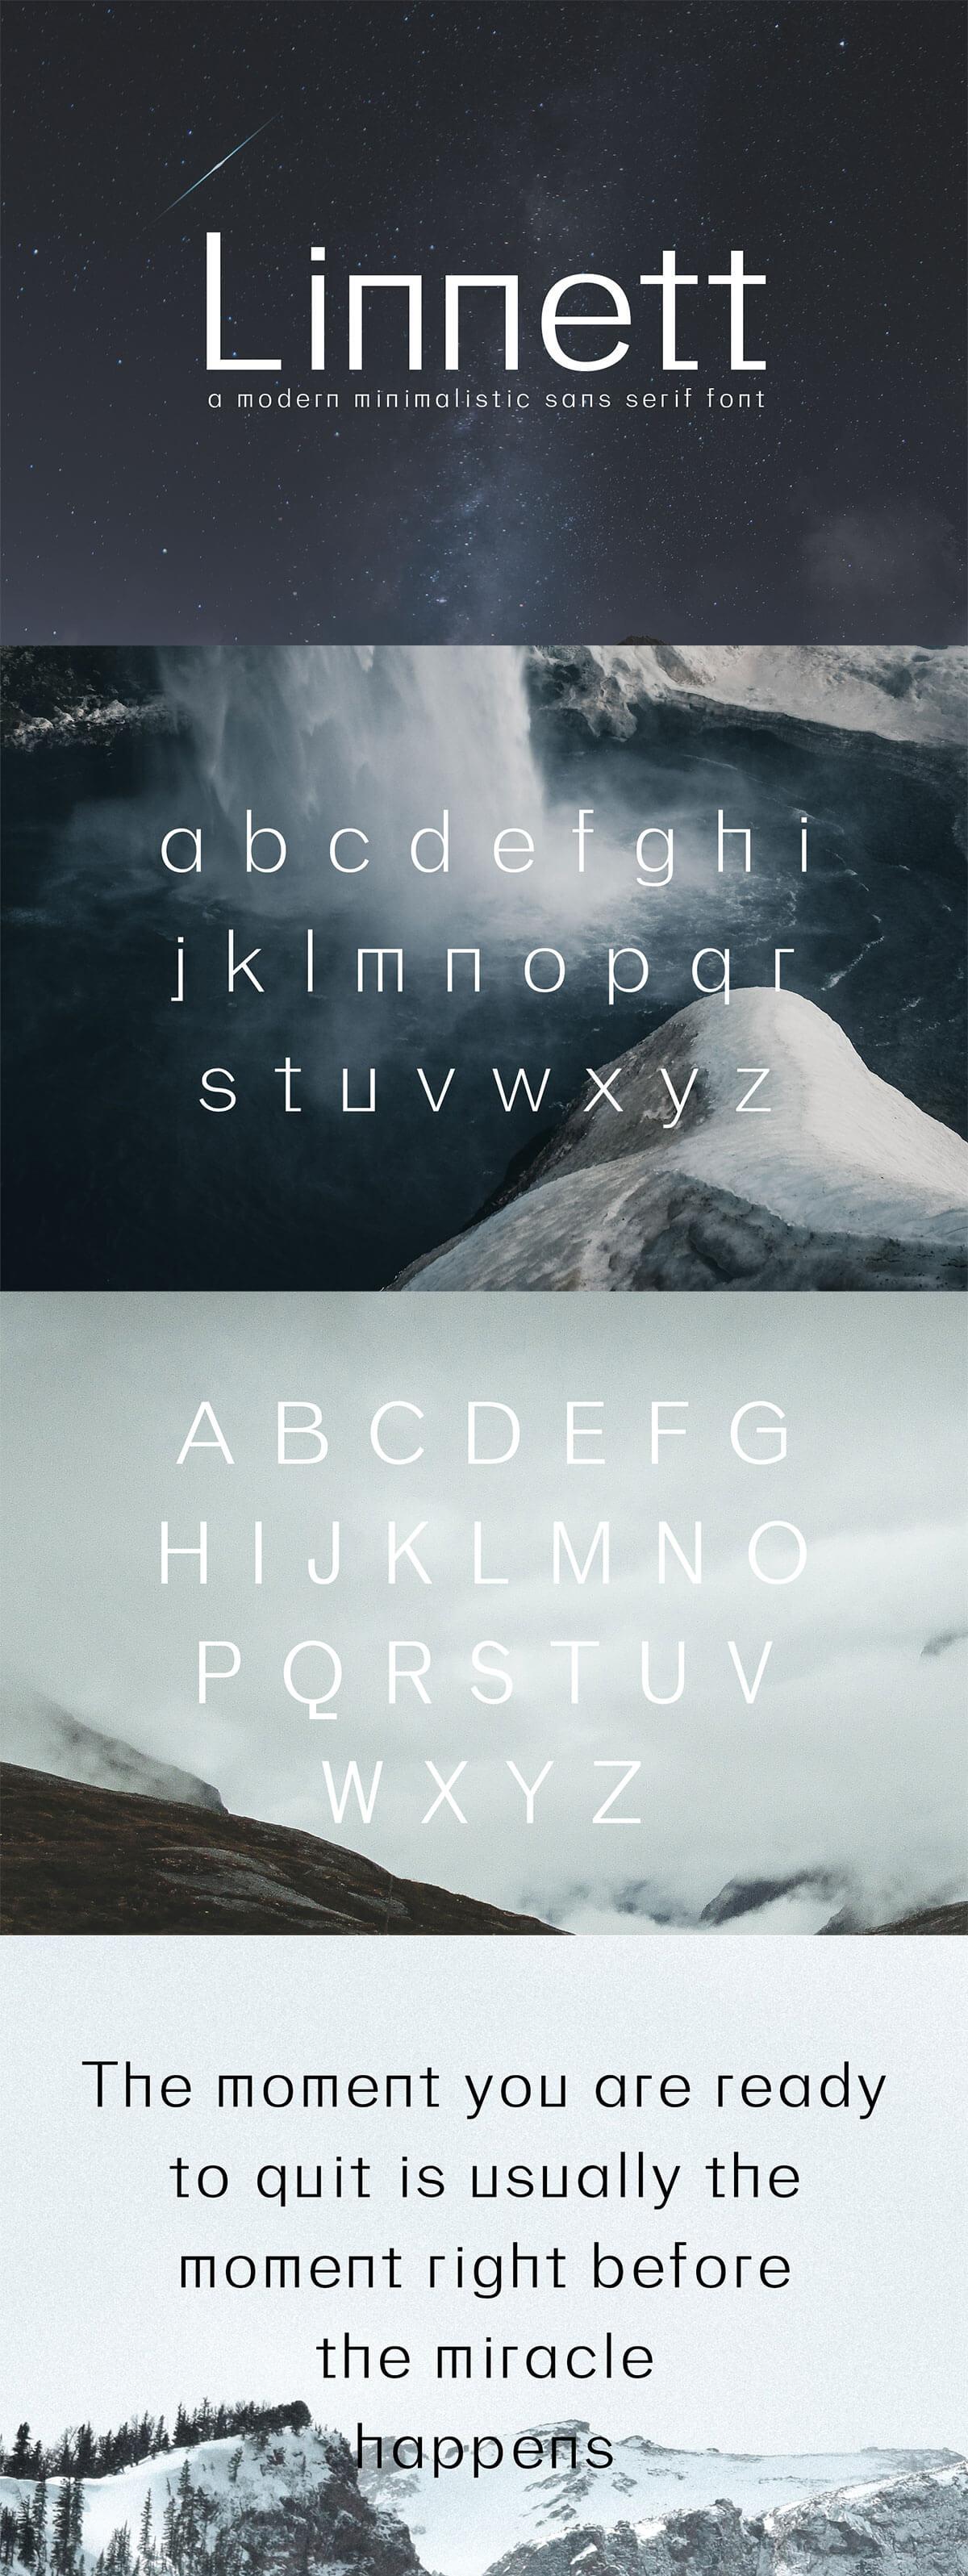 Free Linnett Sans Serif Font